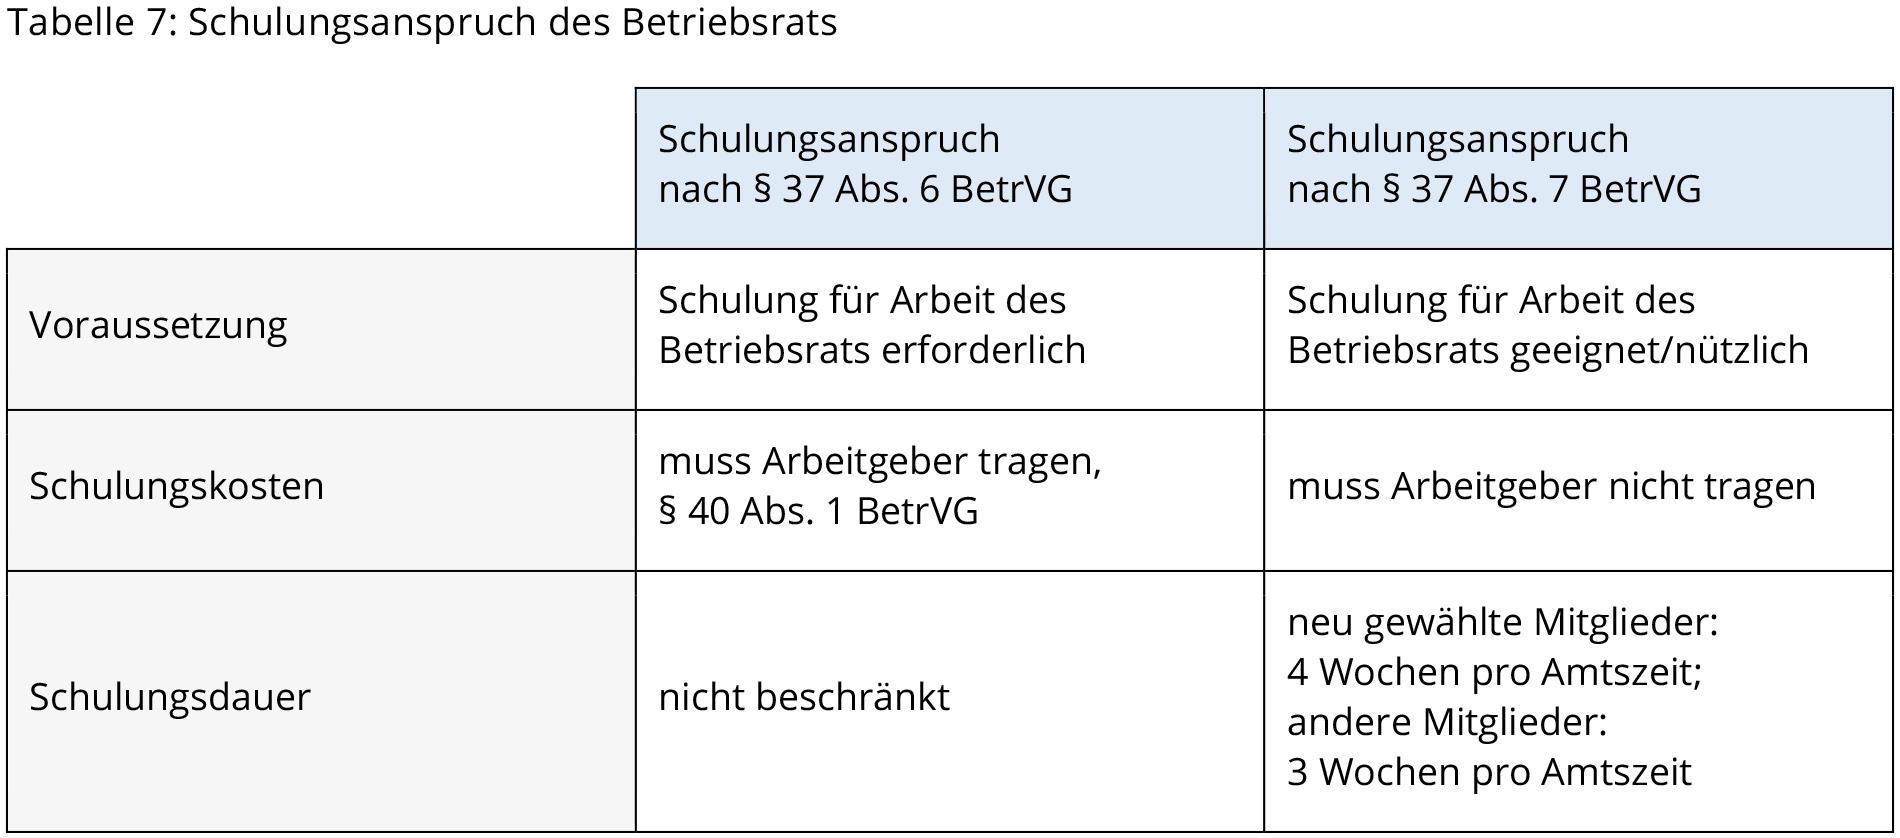 Tabelle mit vertikal zentriertem Text in allen Zellen